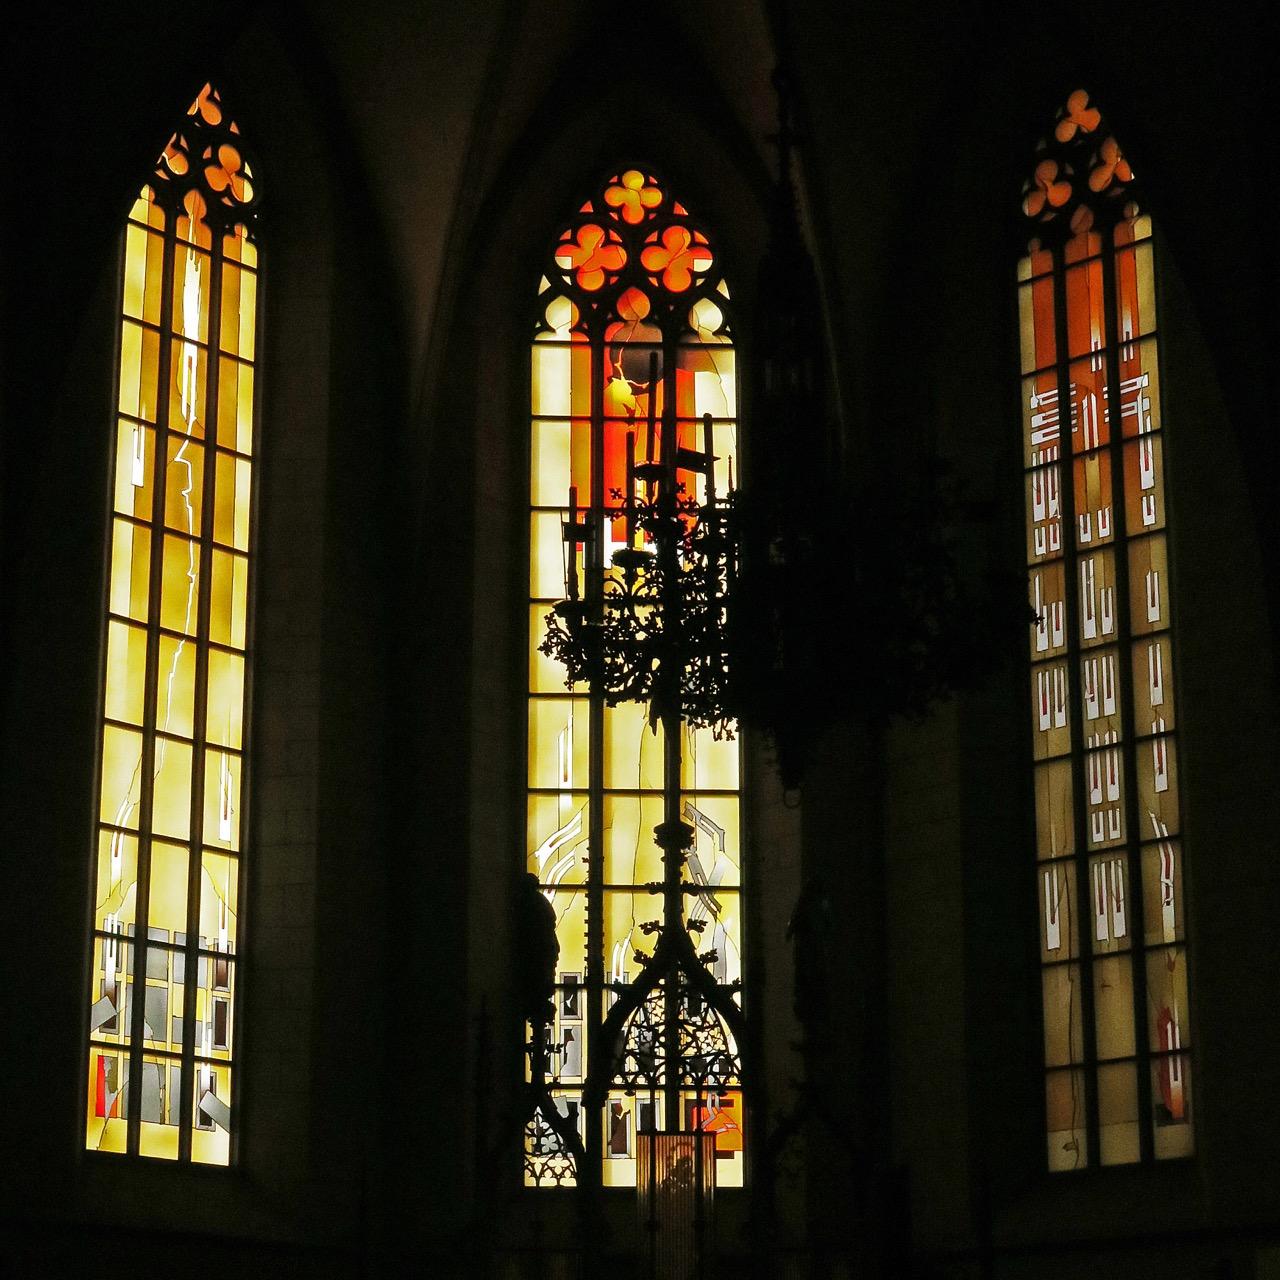 Fenster Westchor, Johannes Schreiter